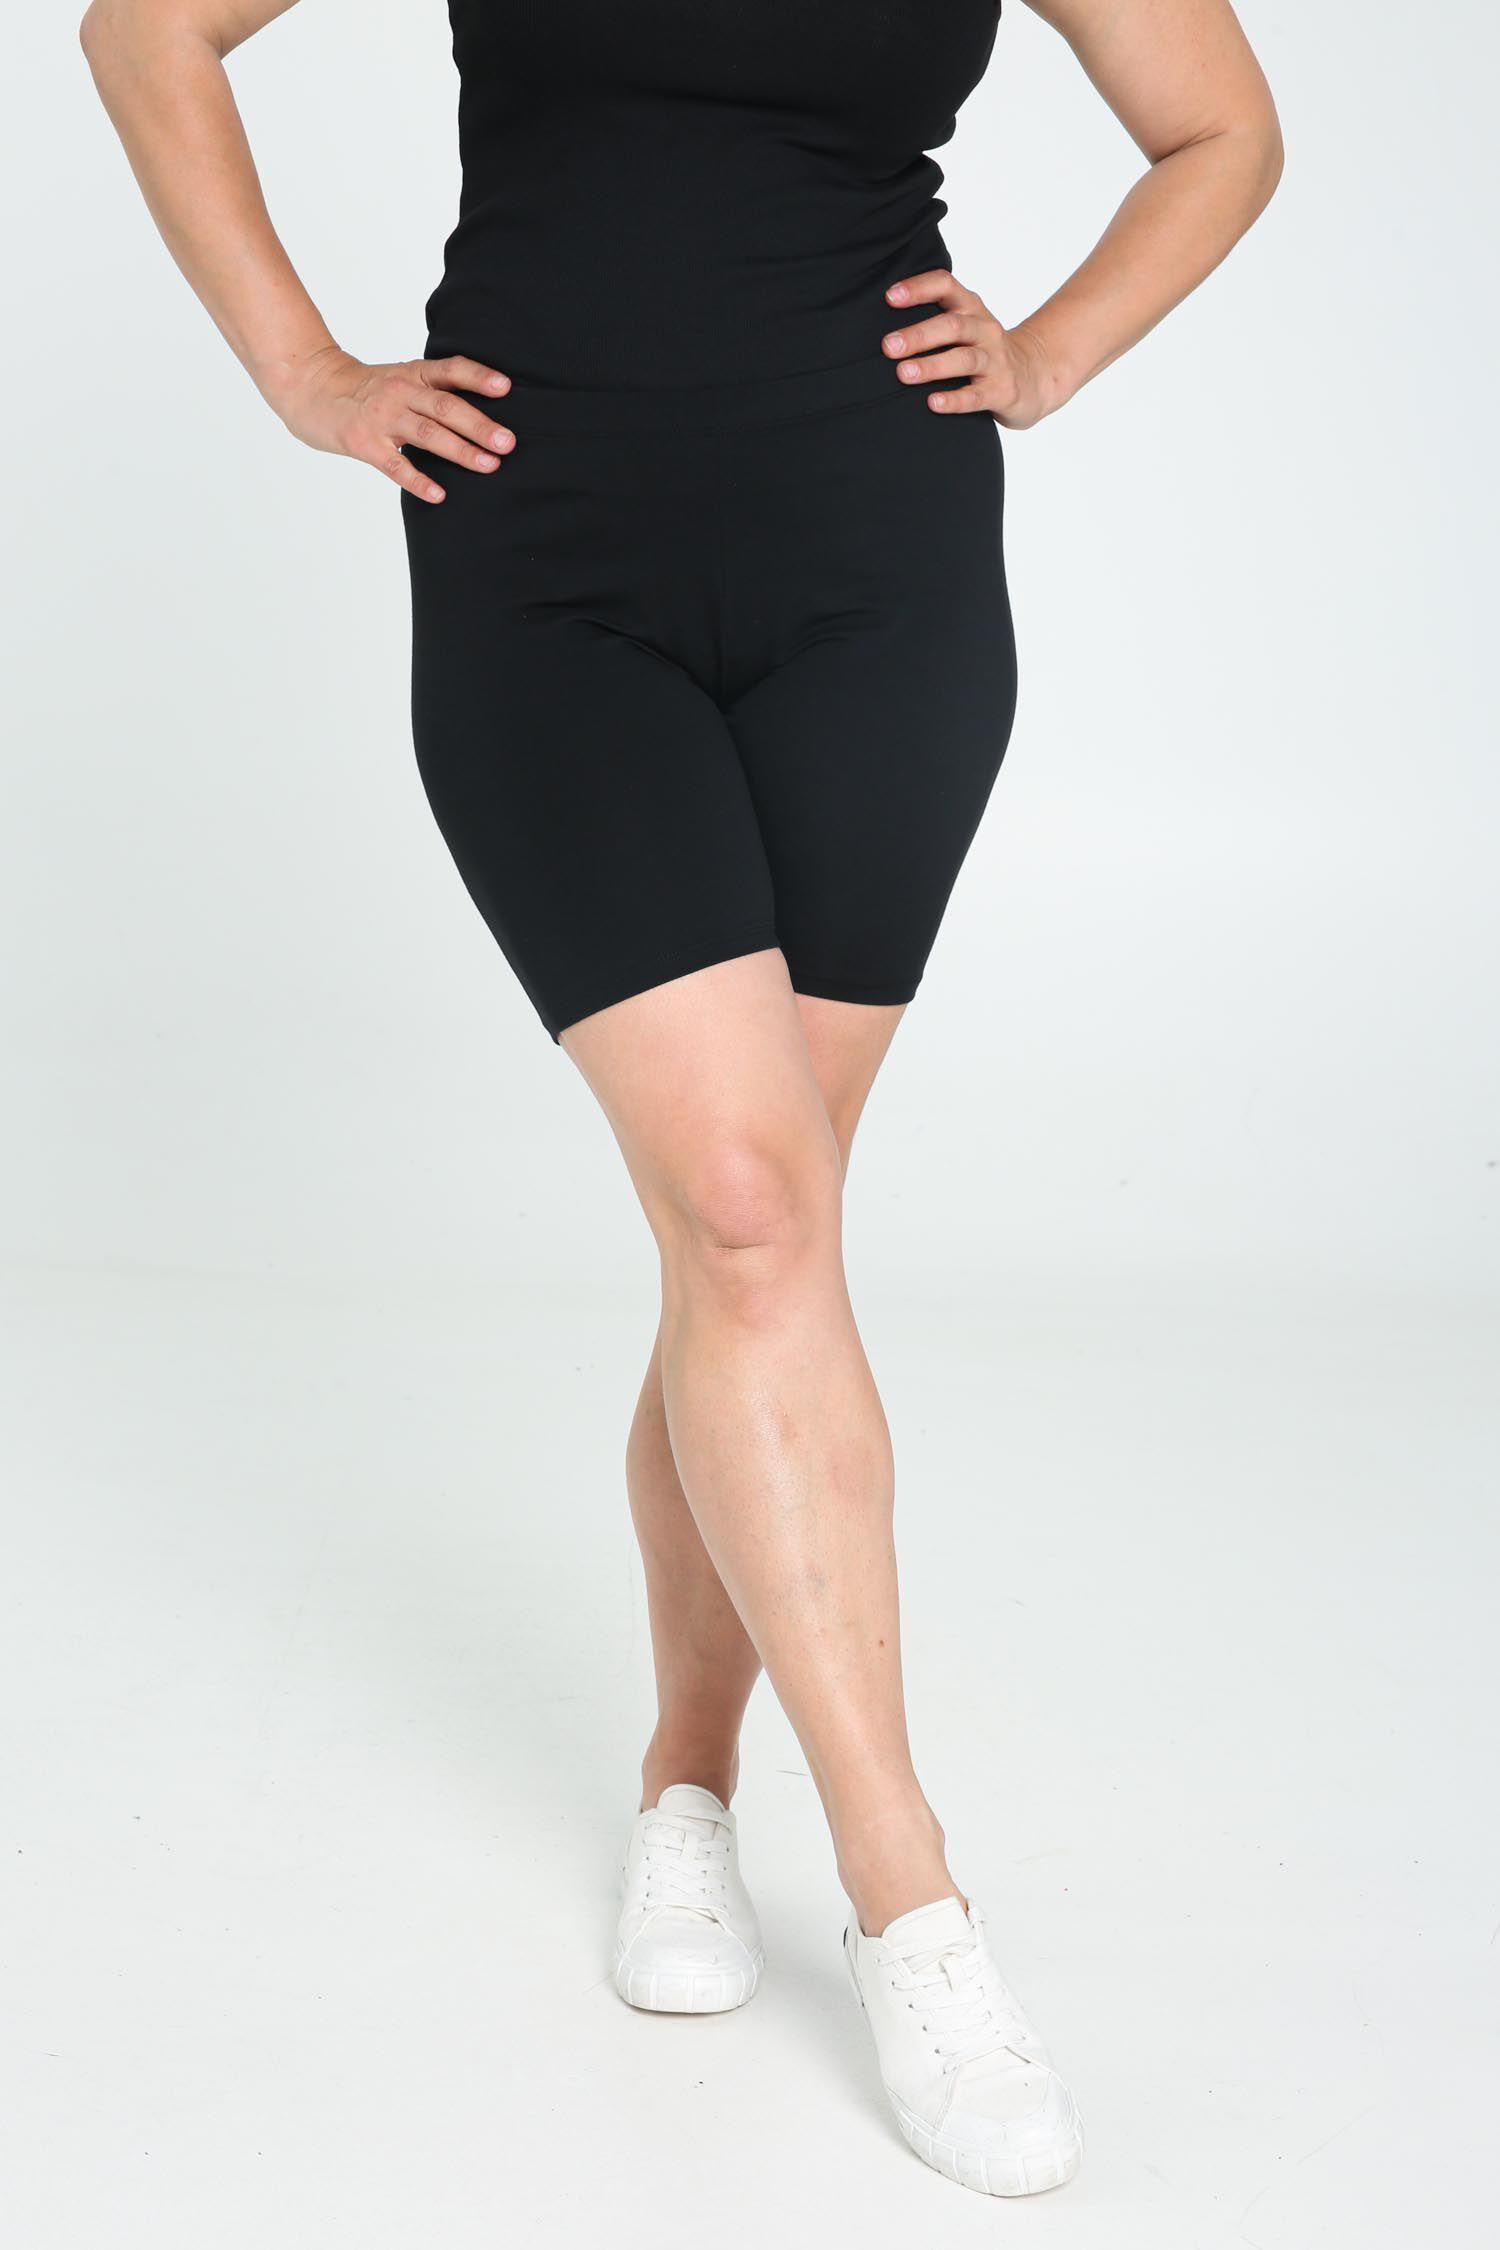 paprika -  Radlerhose, Sportswear